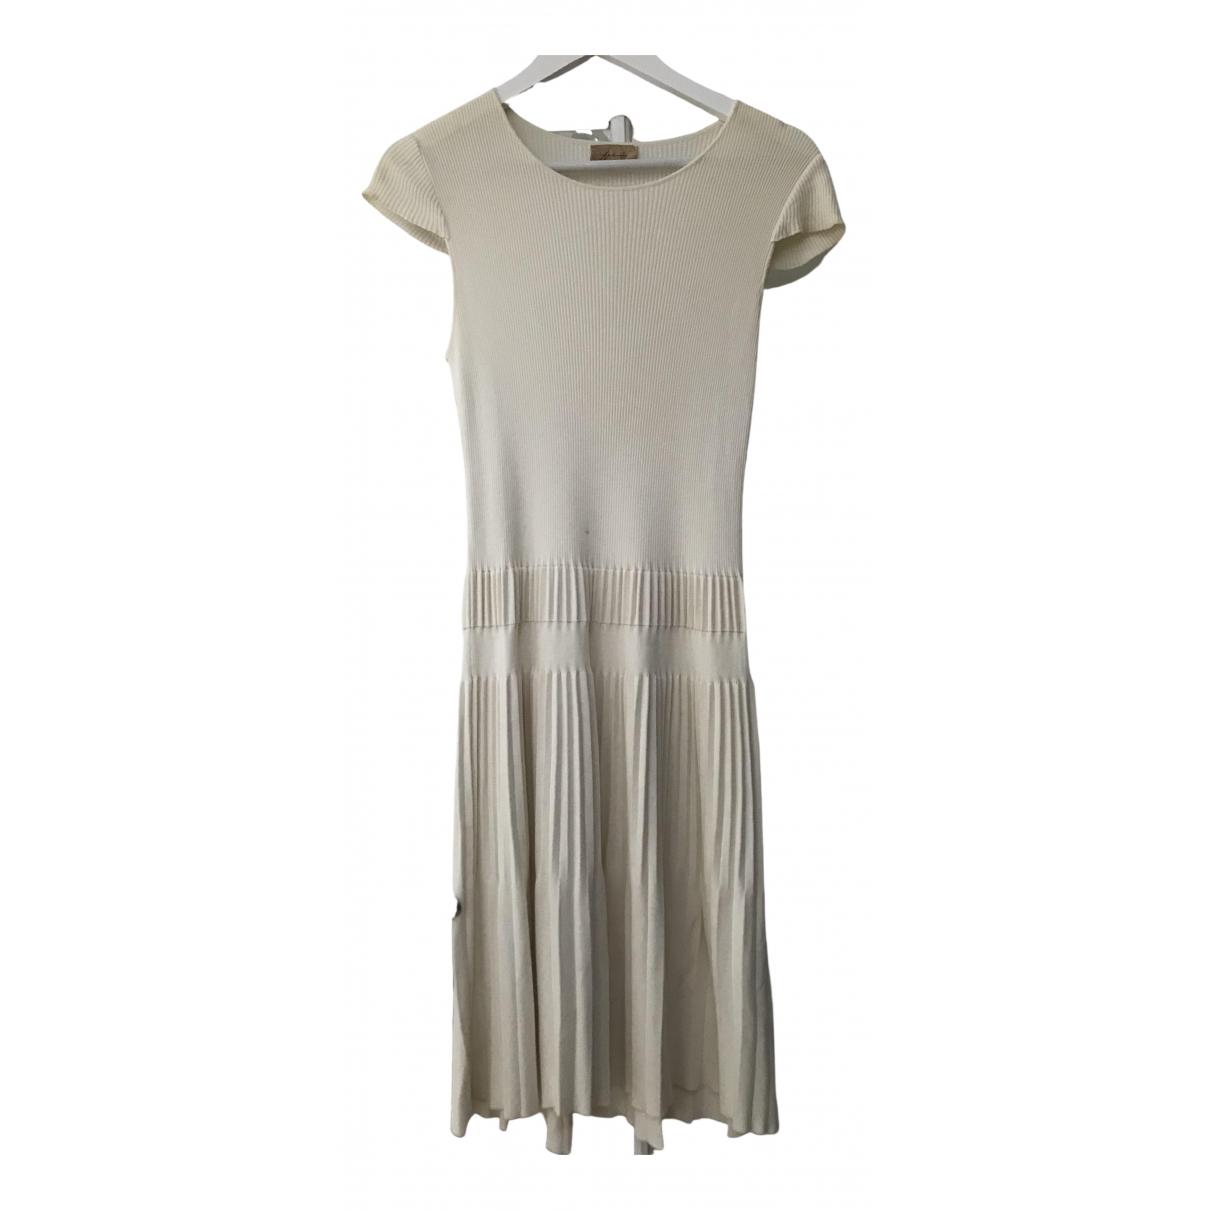 Falconeri \N Kleid in  Ecru Baumwolle